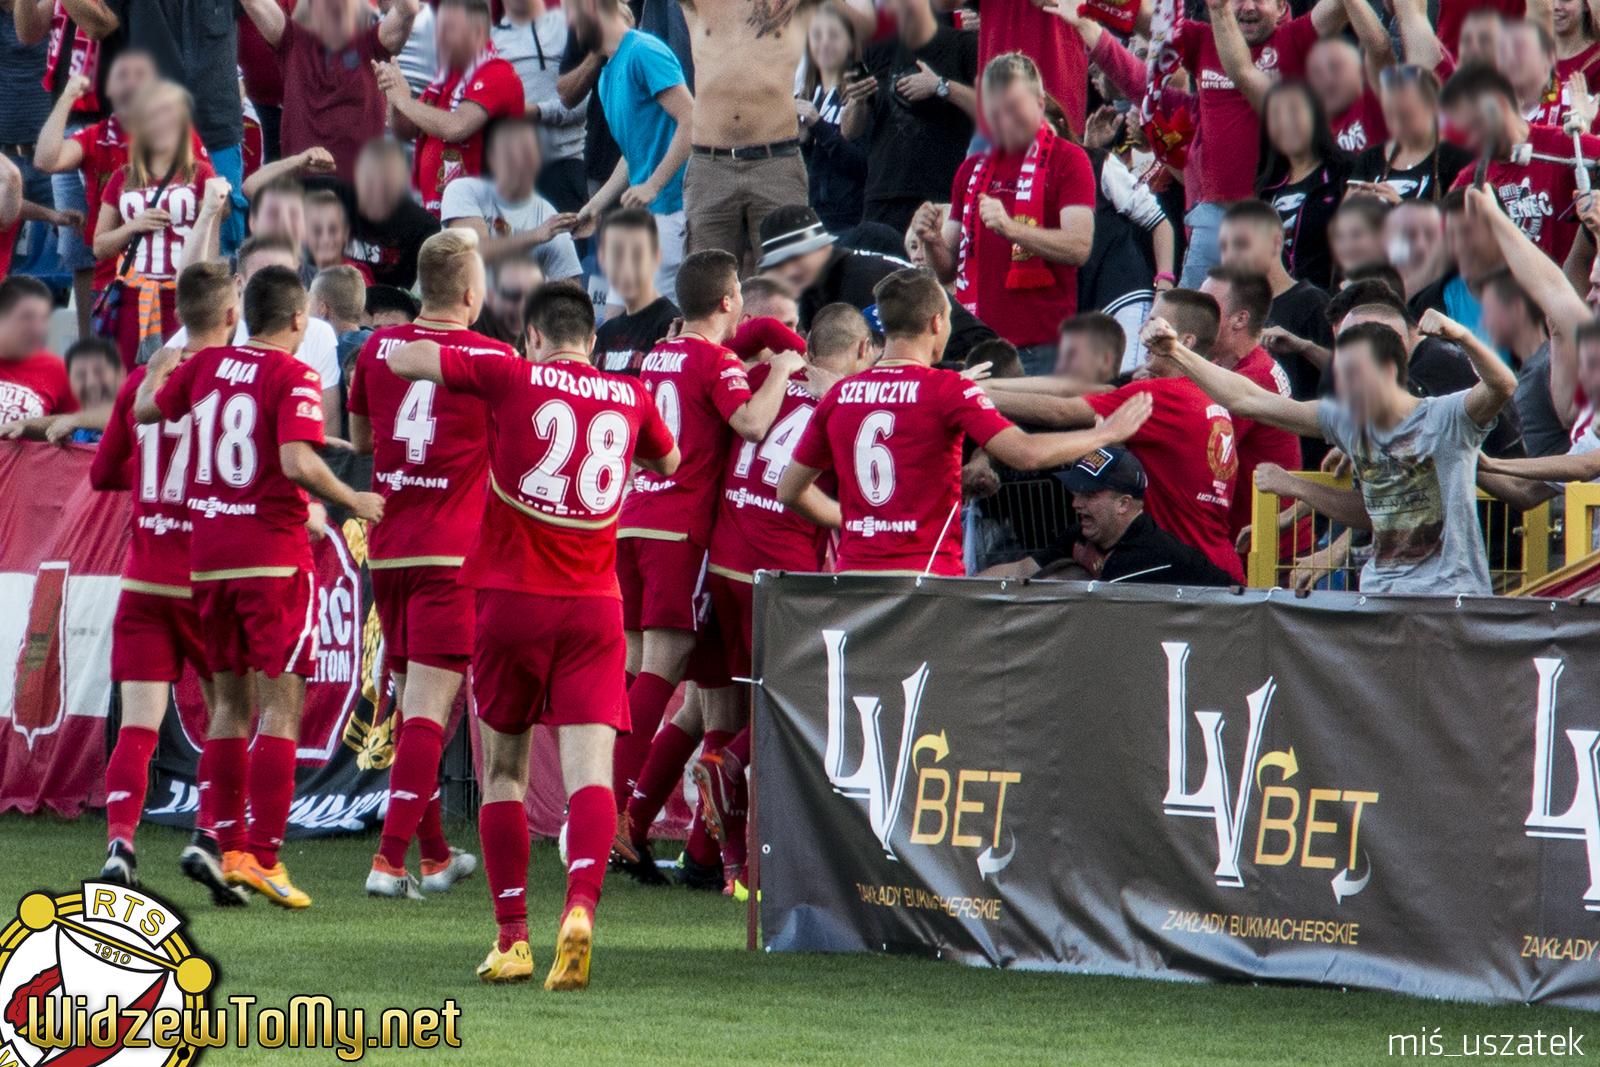 Widzew Łódź - Concordia Elbląg 2:1 (0:1)